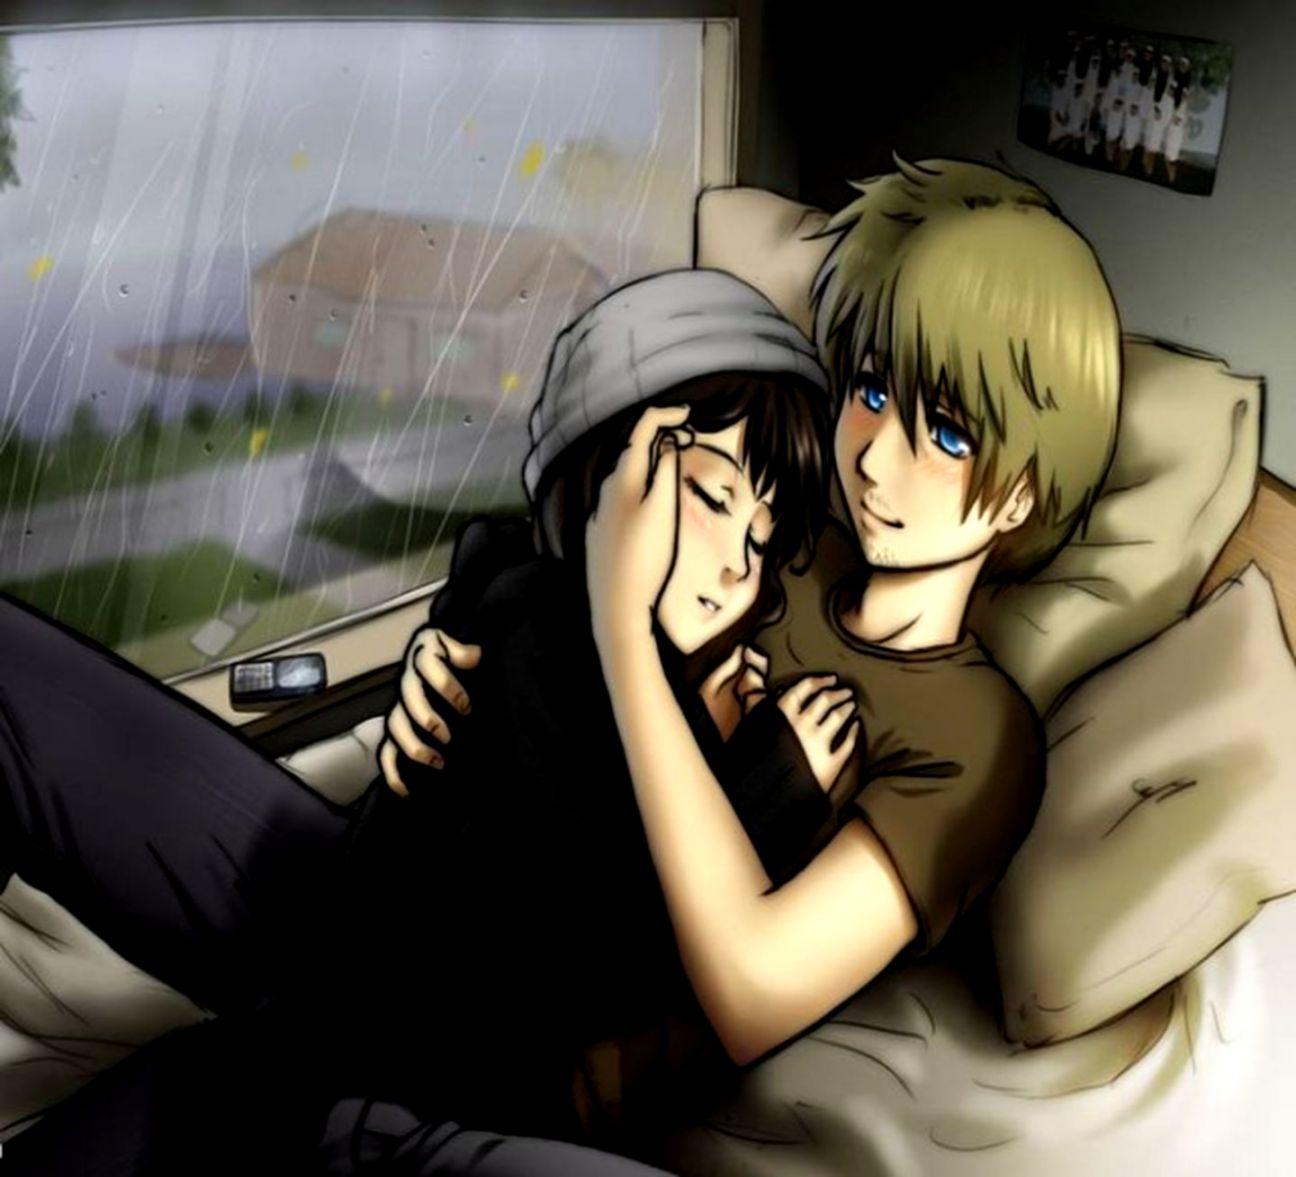 Cute Image Couple Love Wallpaper Hippiehippieshakeshake